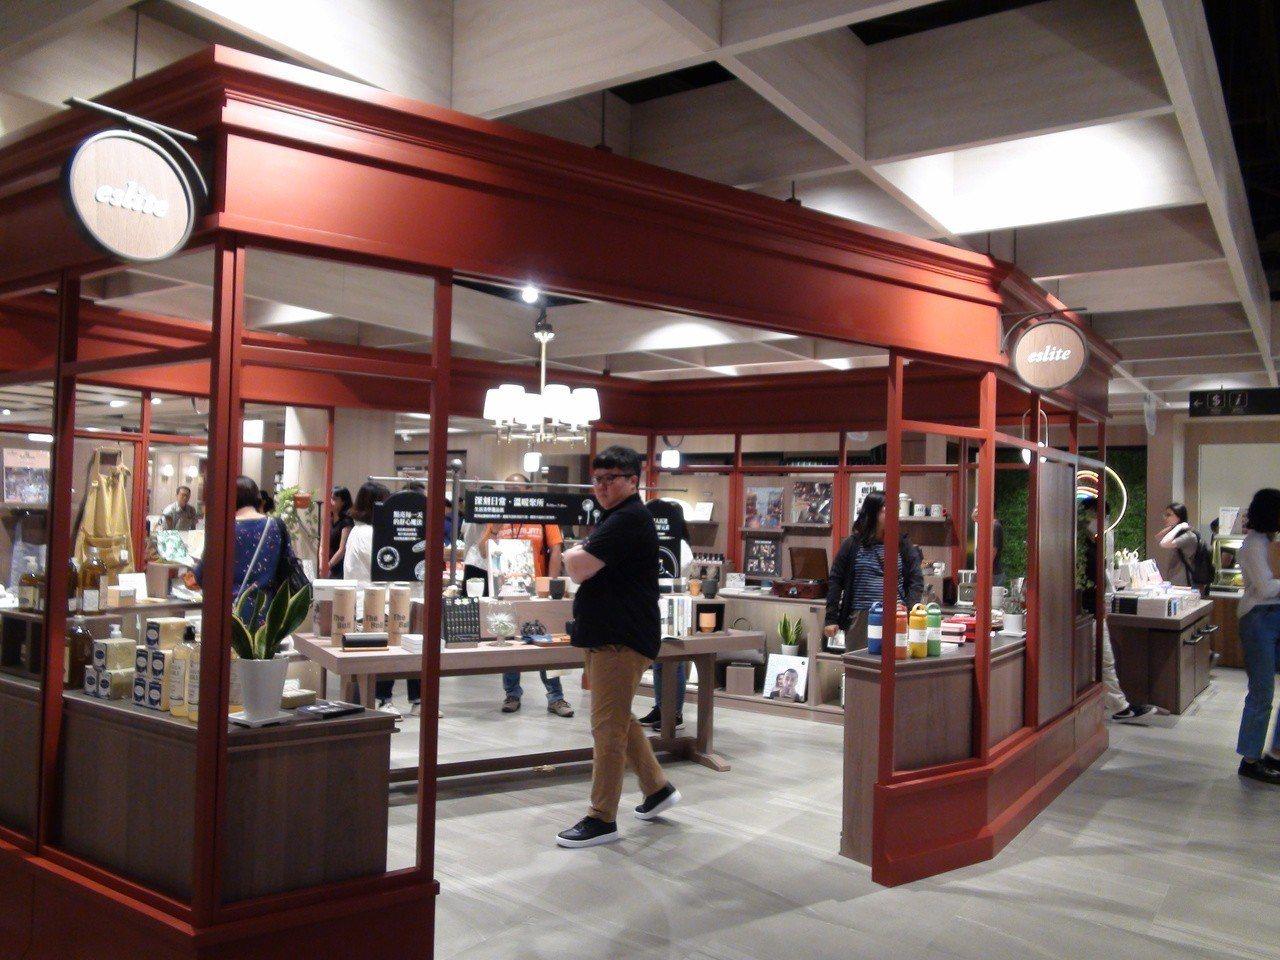 空間設計融入英國經典元素,像是復刻英國街角商鋪。記者謝梅芬/攝影